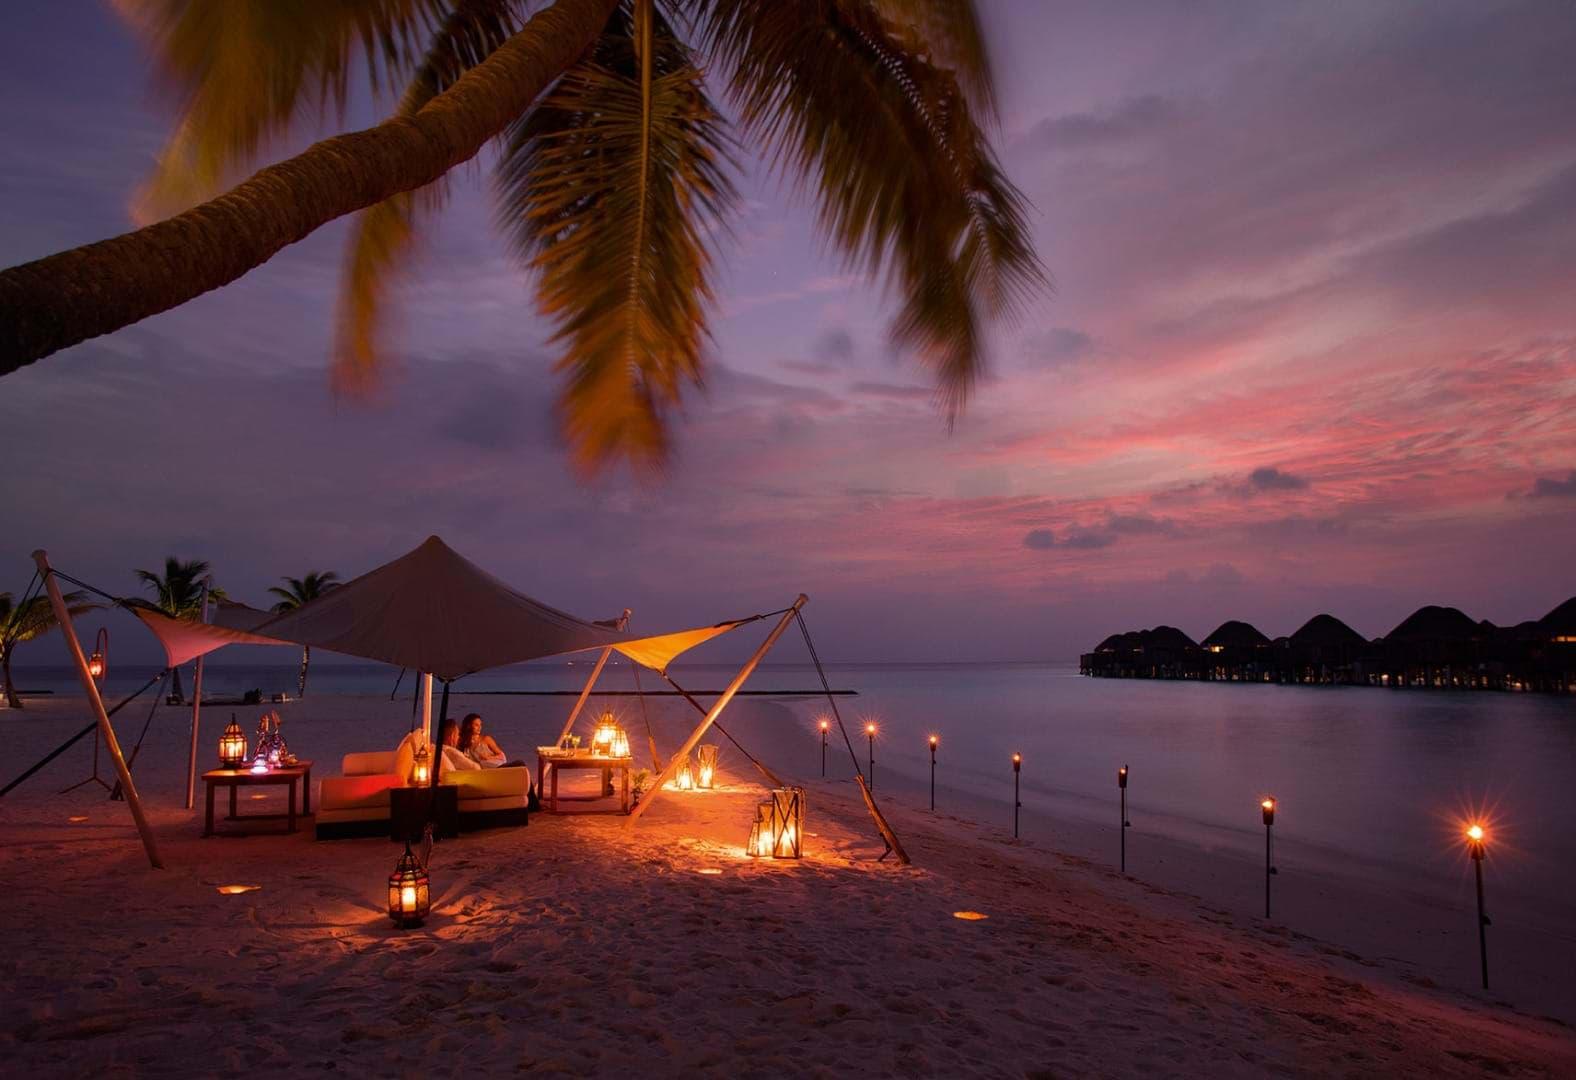 Este atardecer en Constance Halaveli Maldives, mientras disfrutas de una cena romántica no está nada mal, ¿verdad?